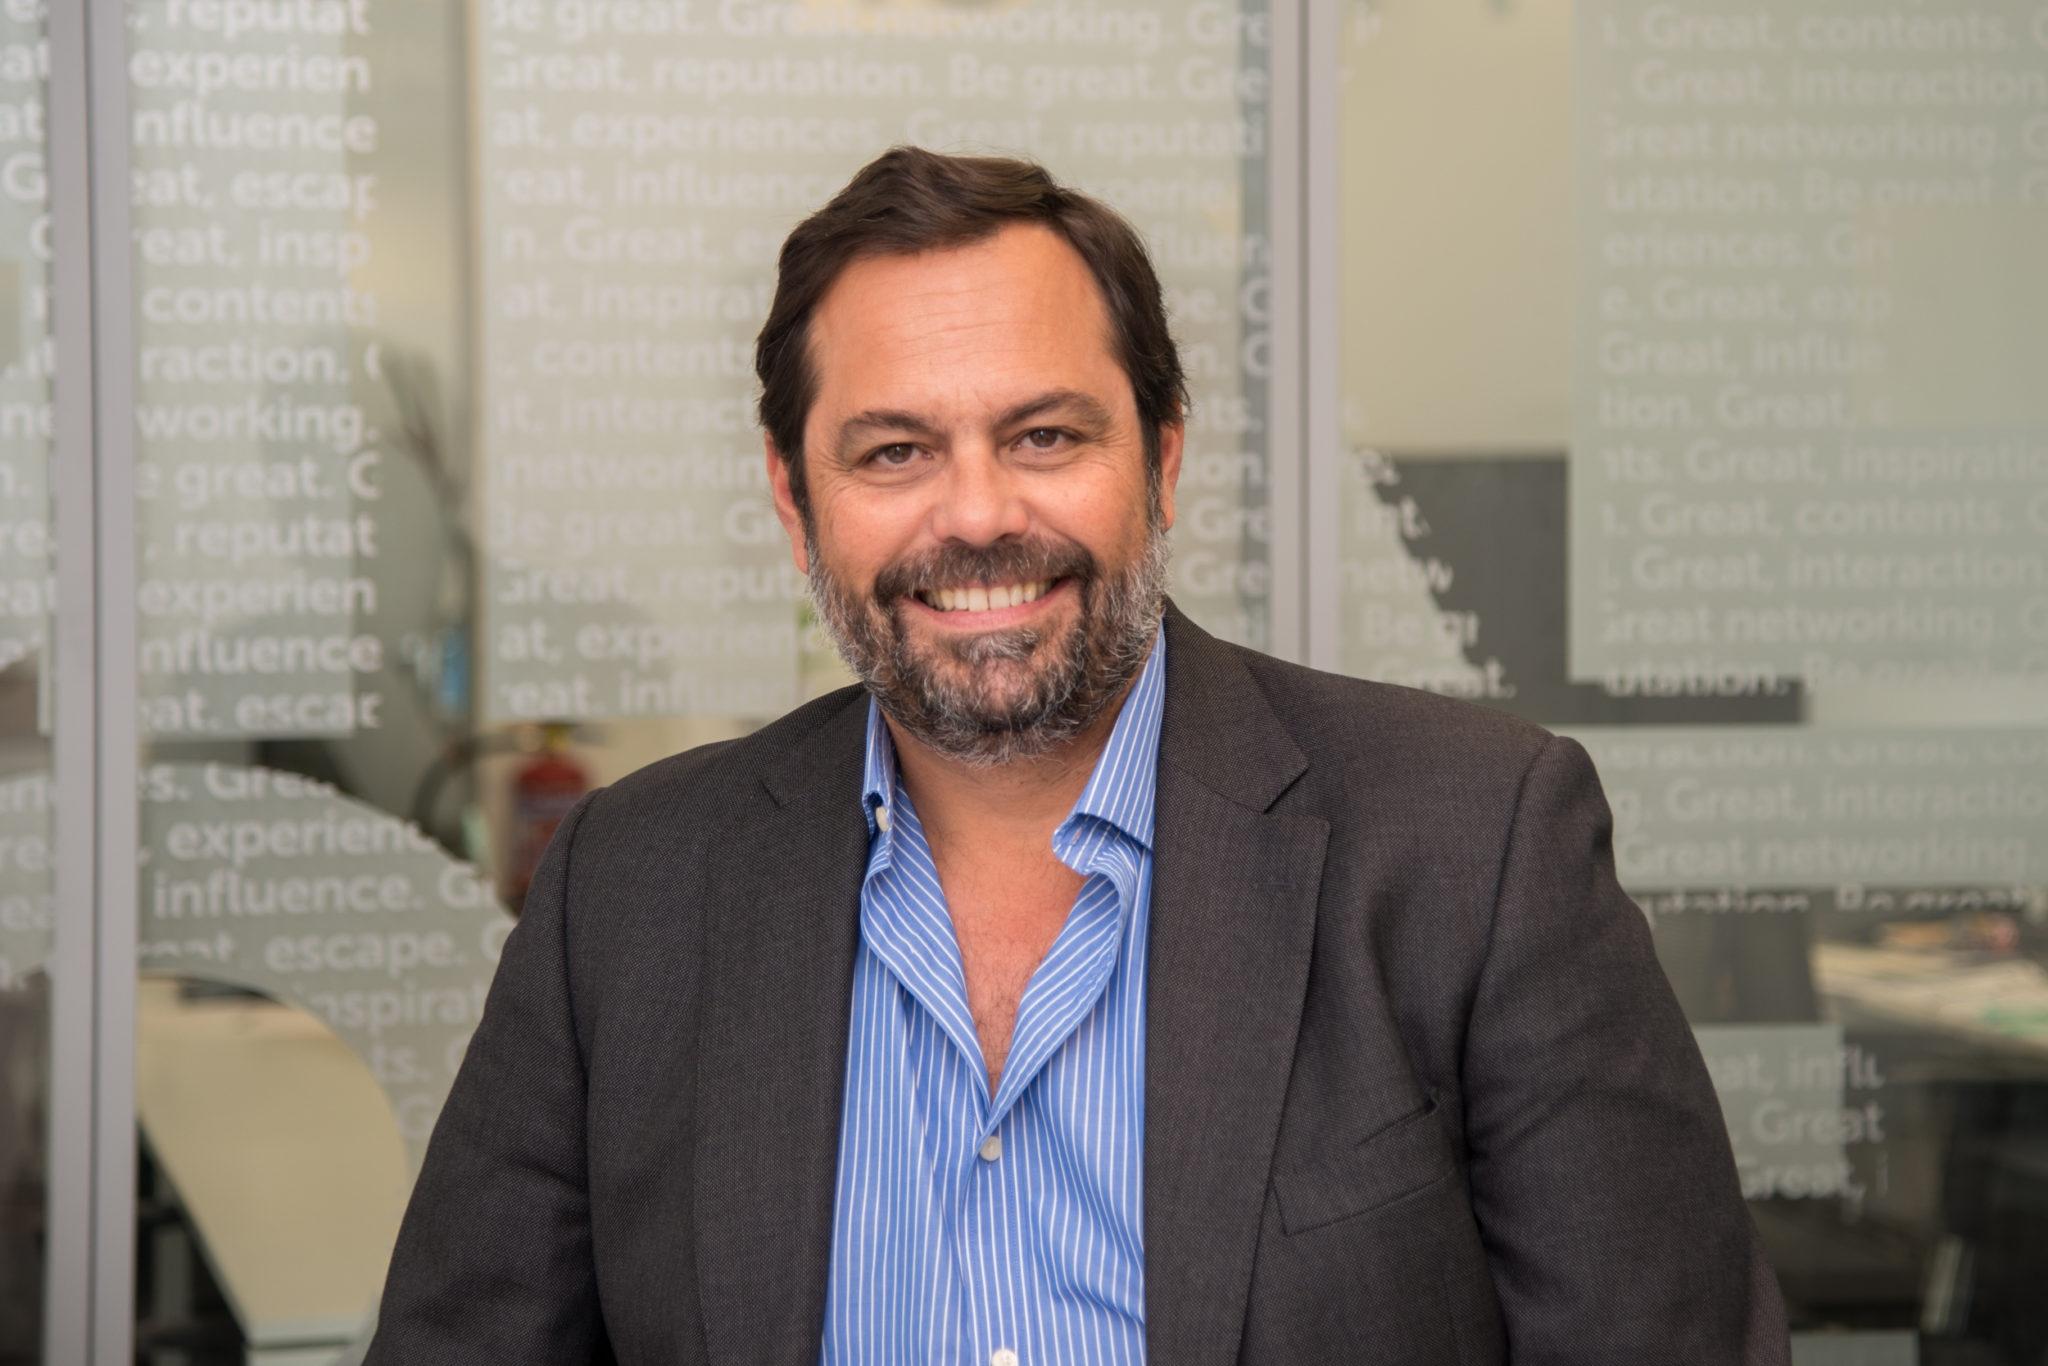 Salvador da Cunha, CEO da Lift Consulting